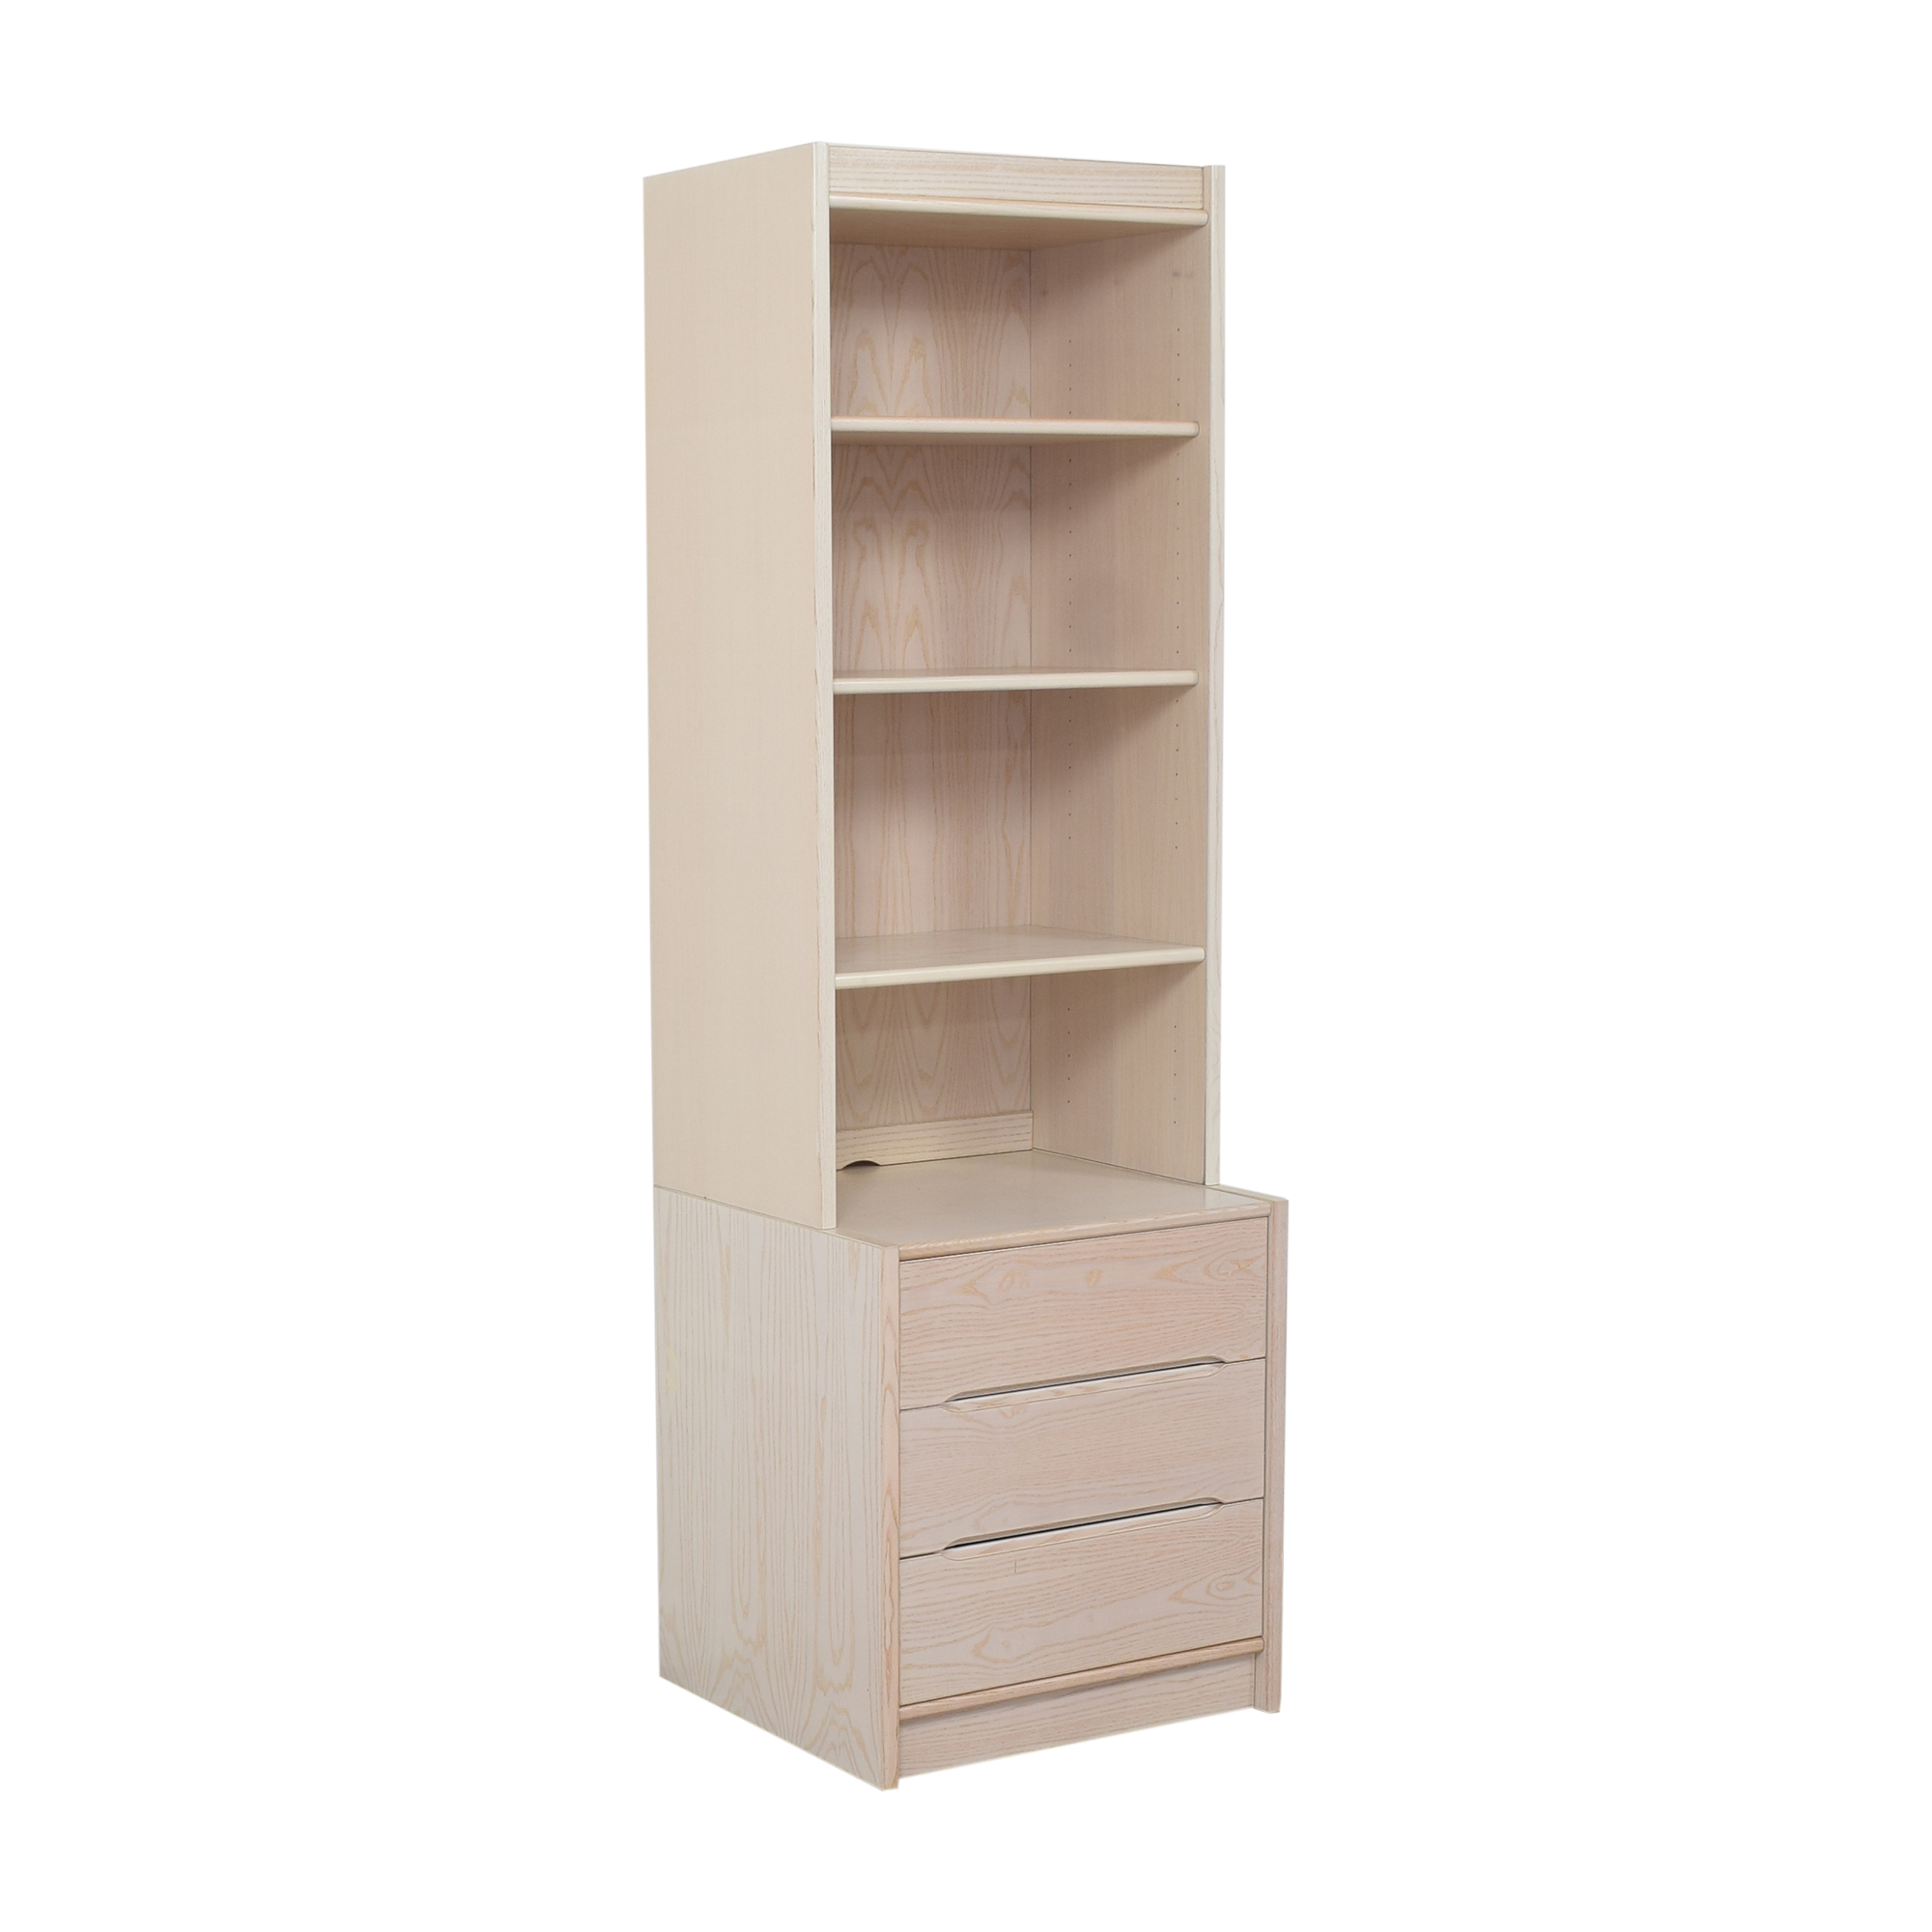 Door Store Door Store Bookcase with Three Drawers nj